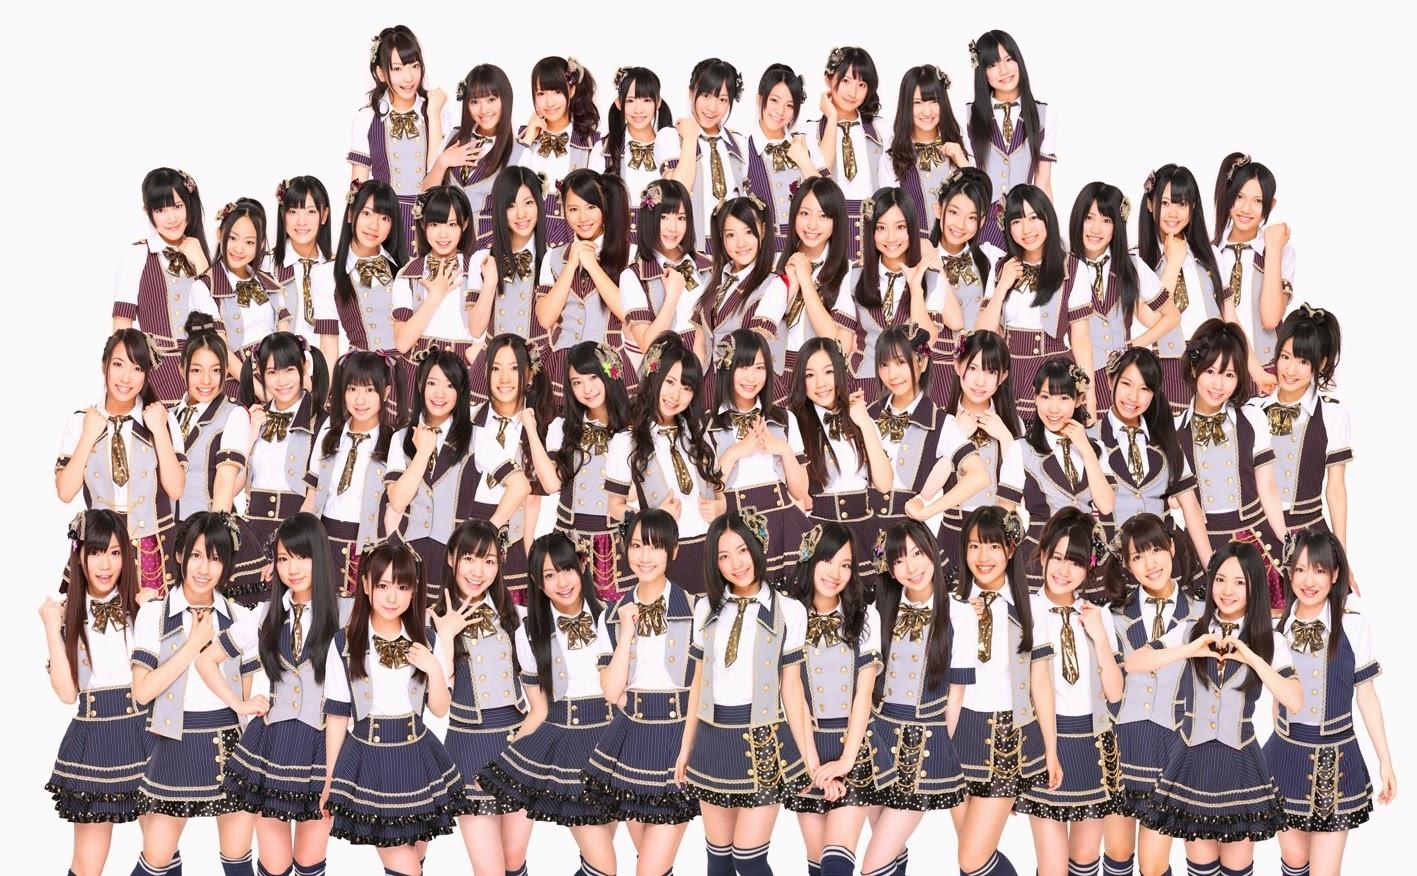 AKB48-musique-jpop-japon